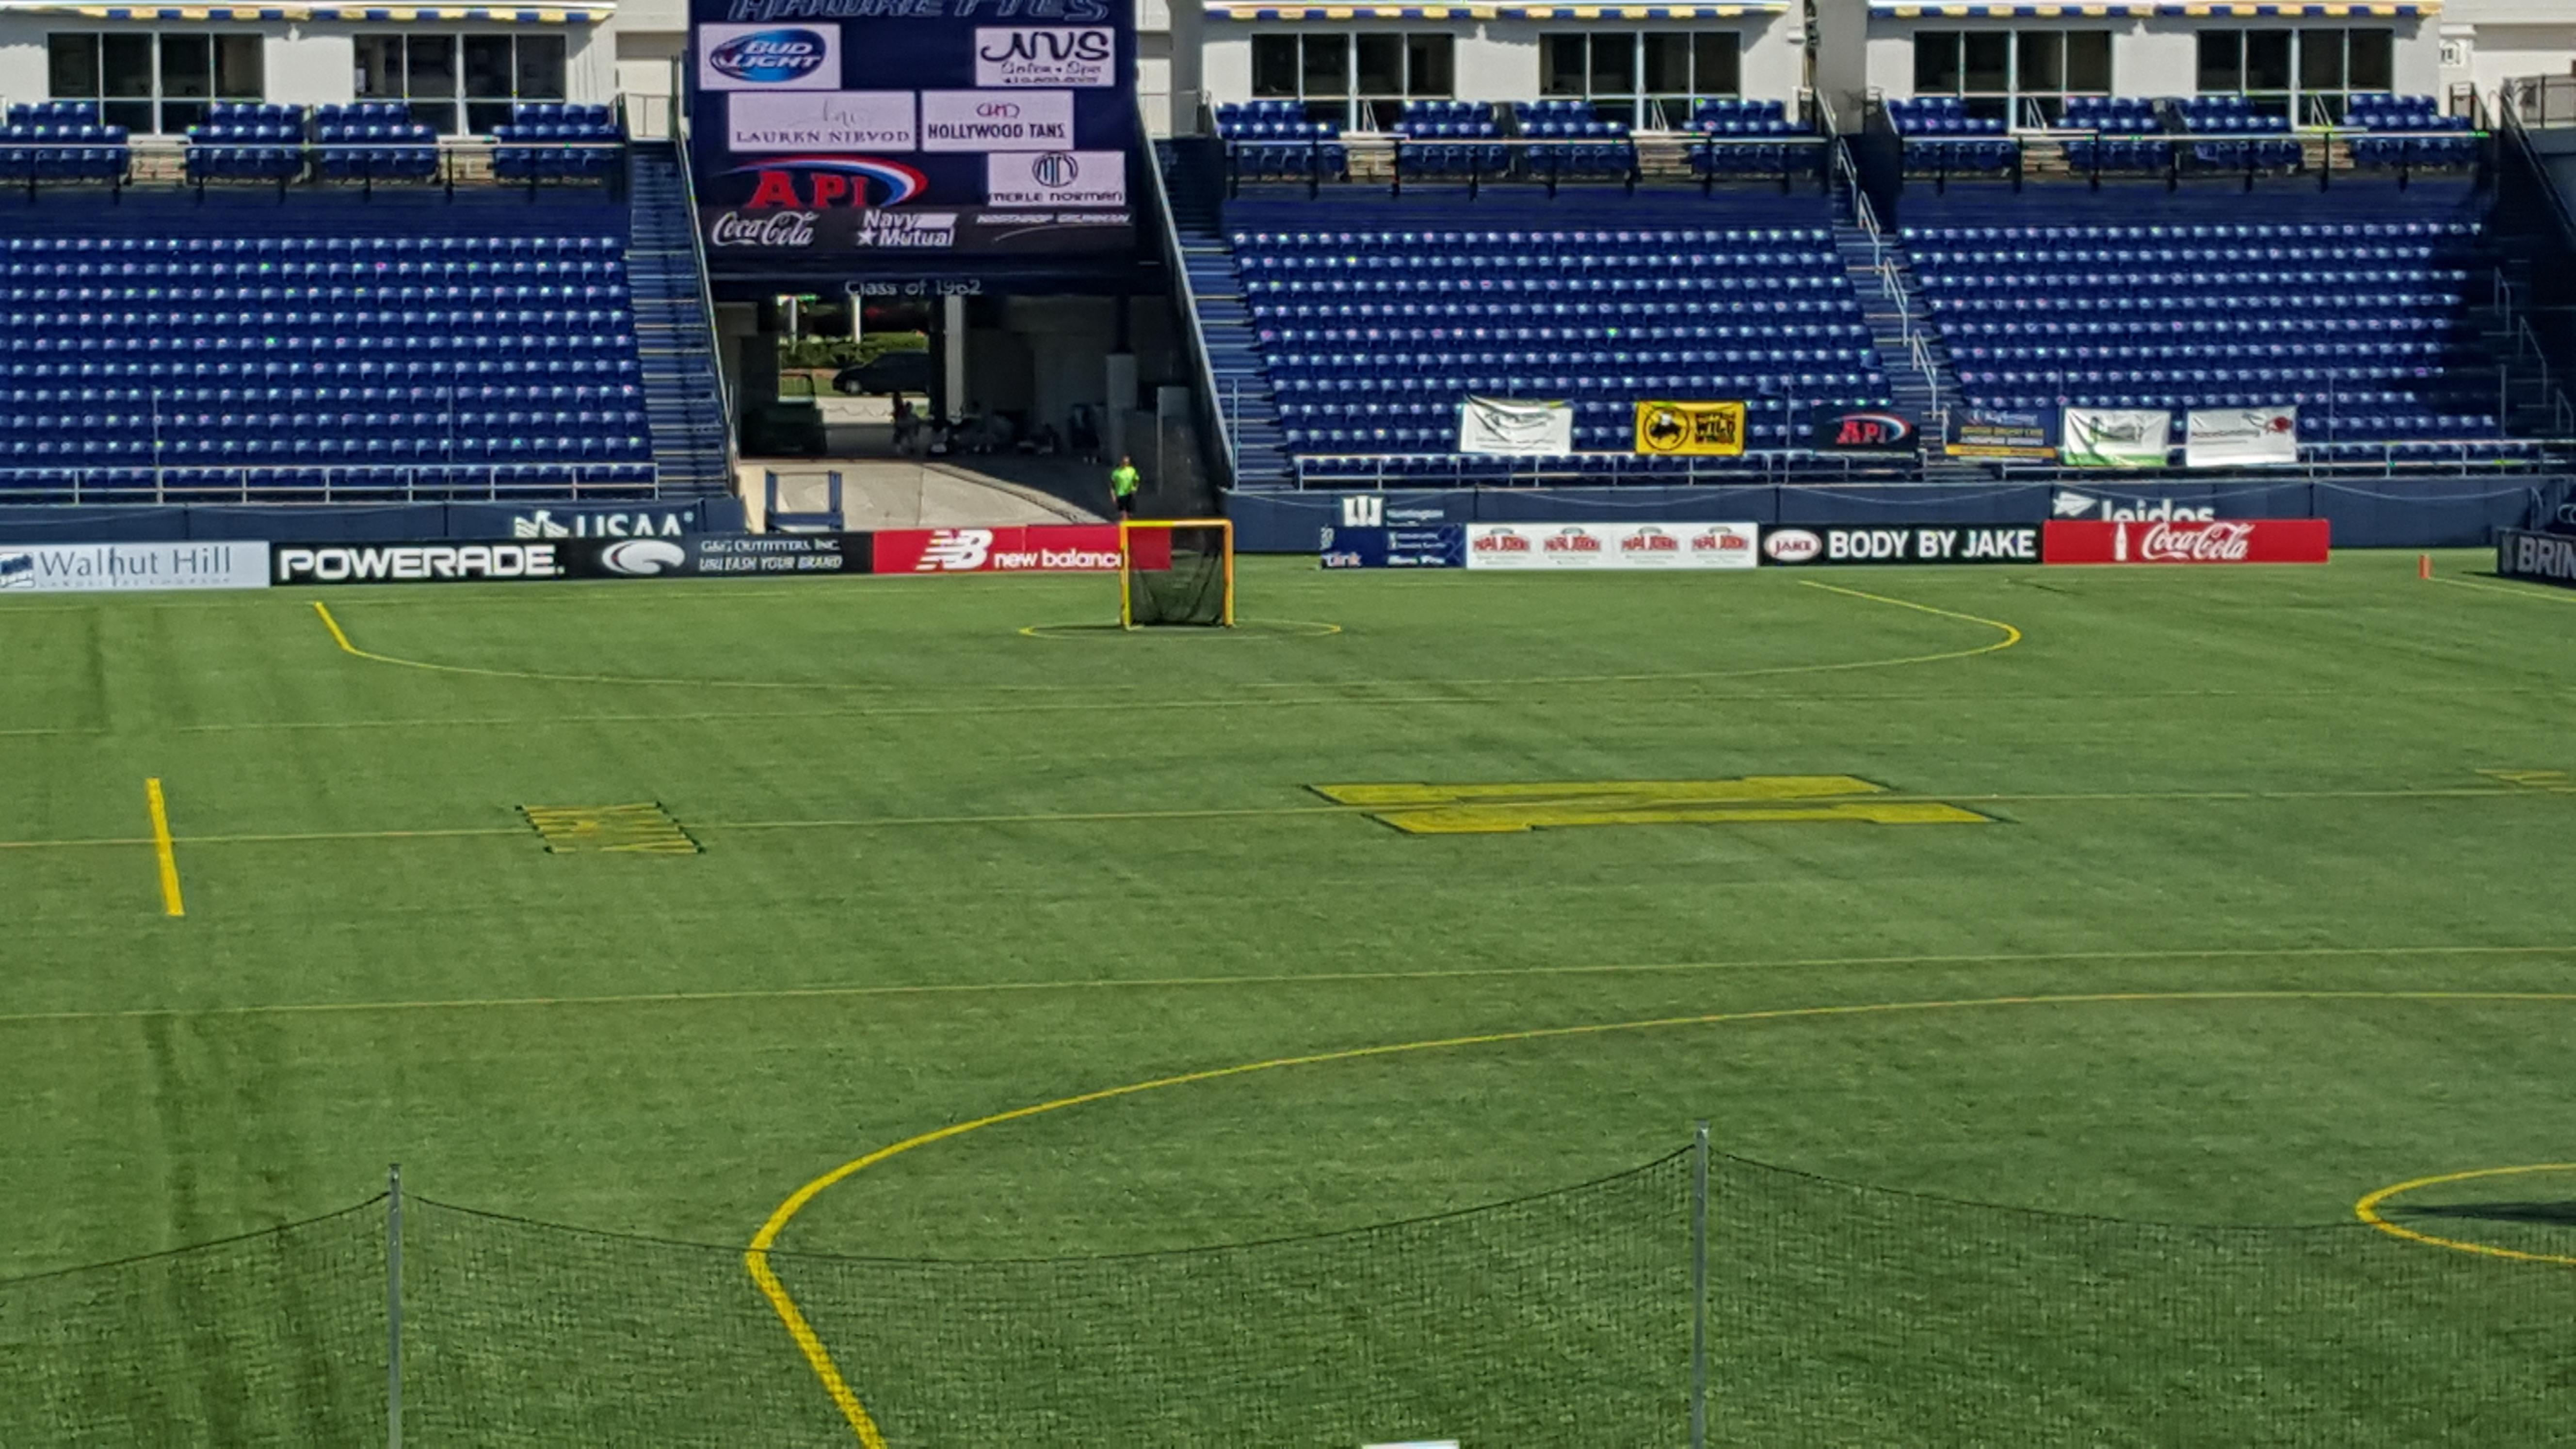 Navy-Marine Corps Memorial Stadium Secção C Fila 5 Lugar 35